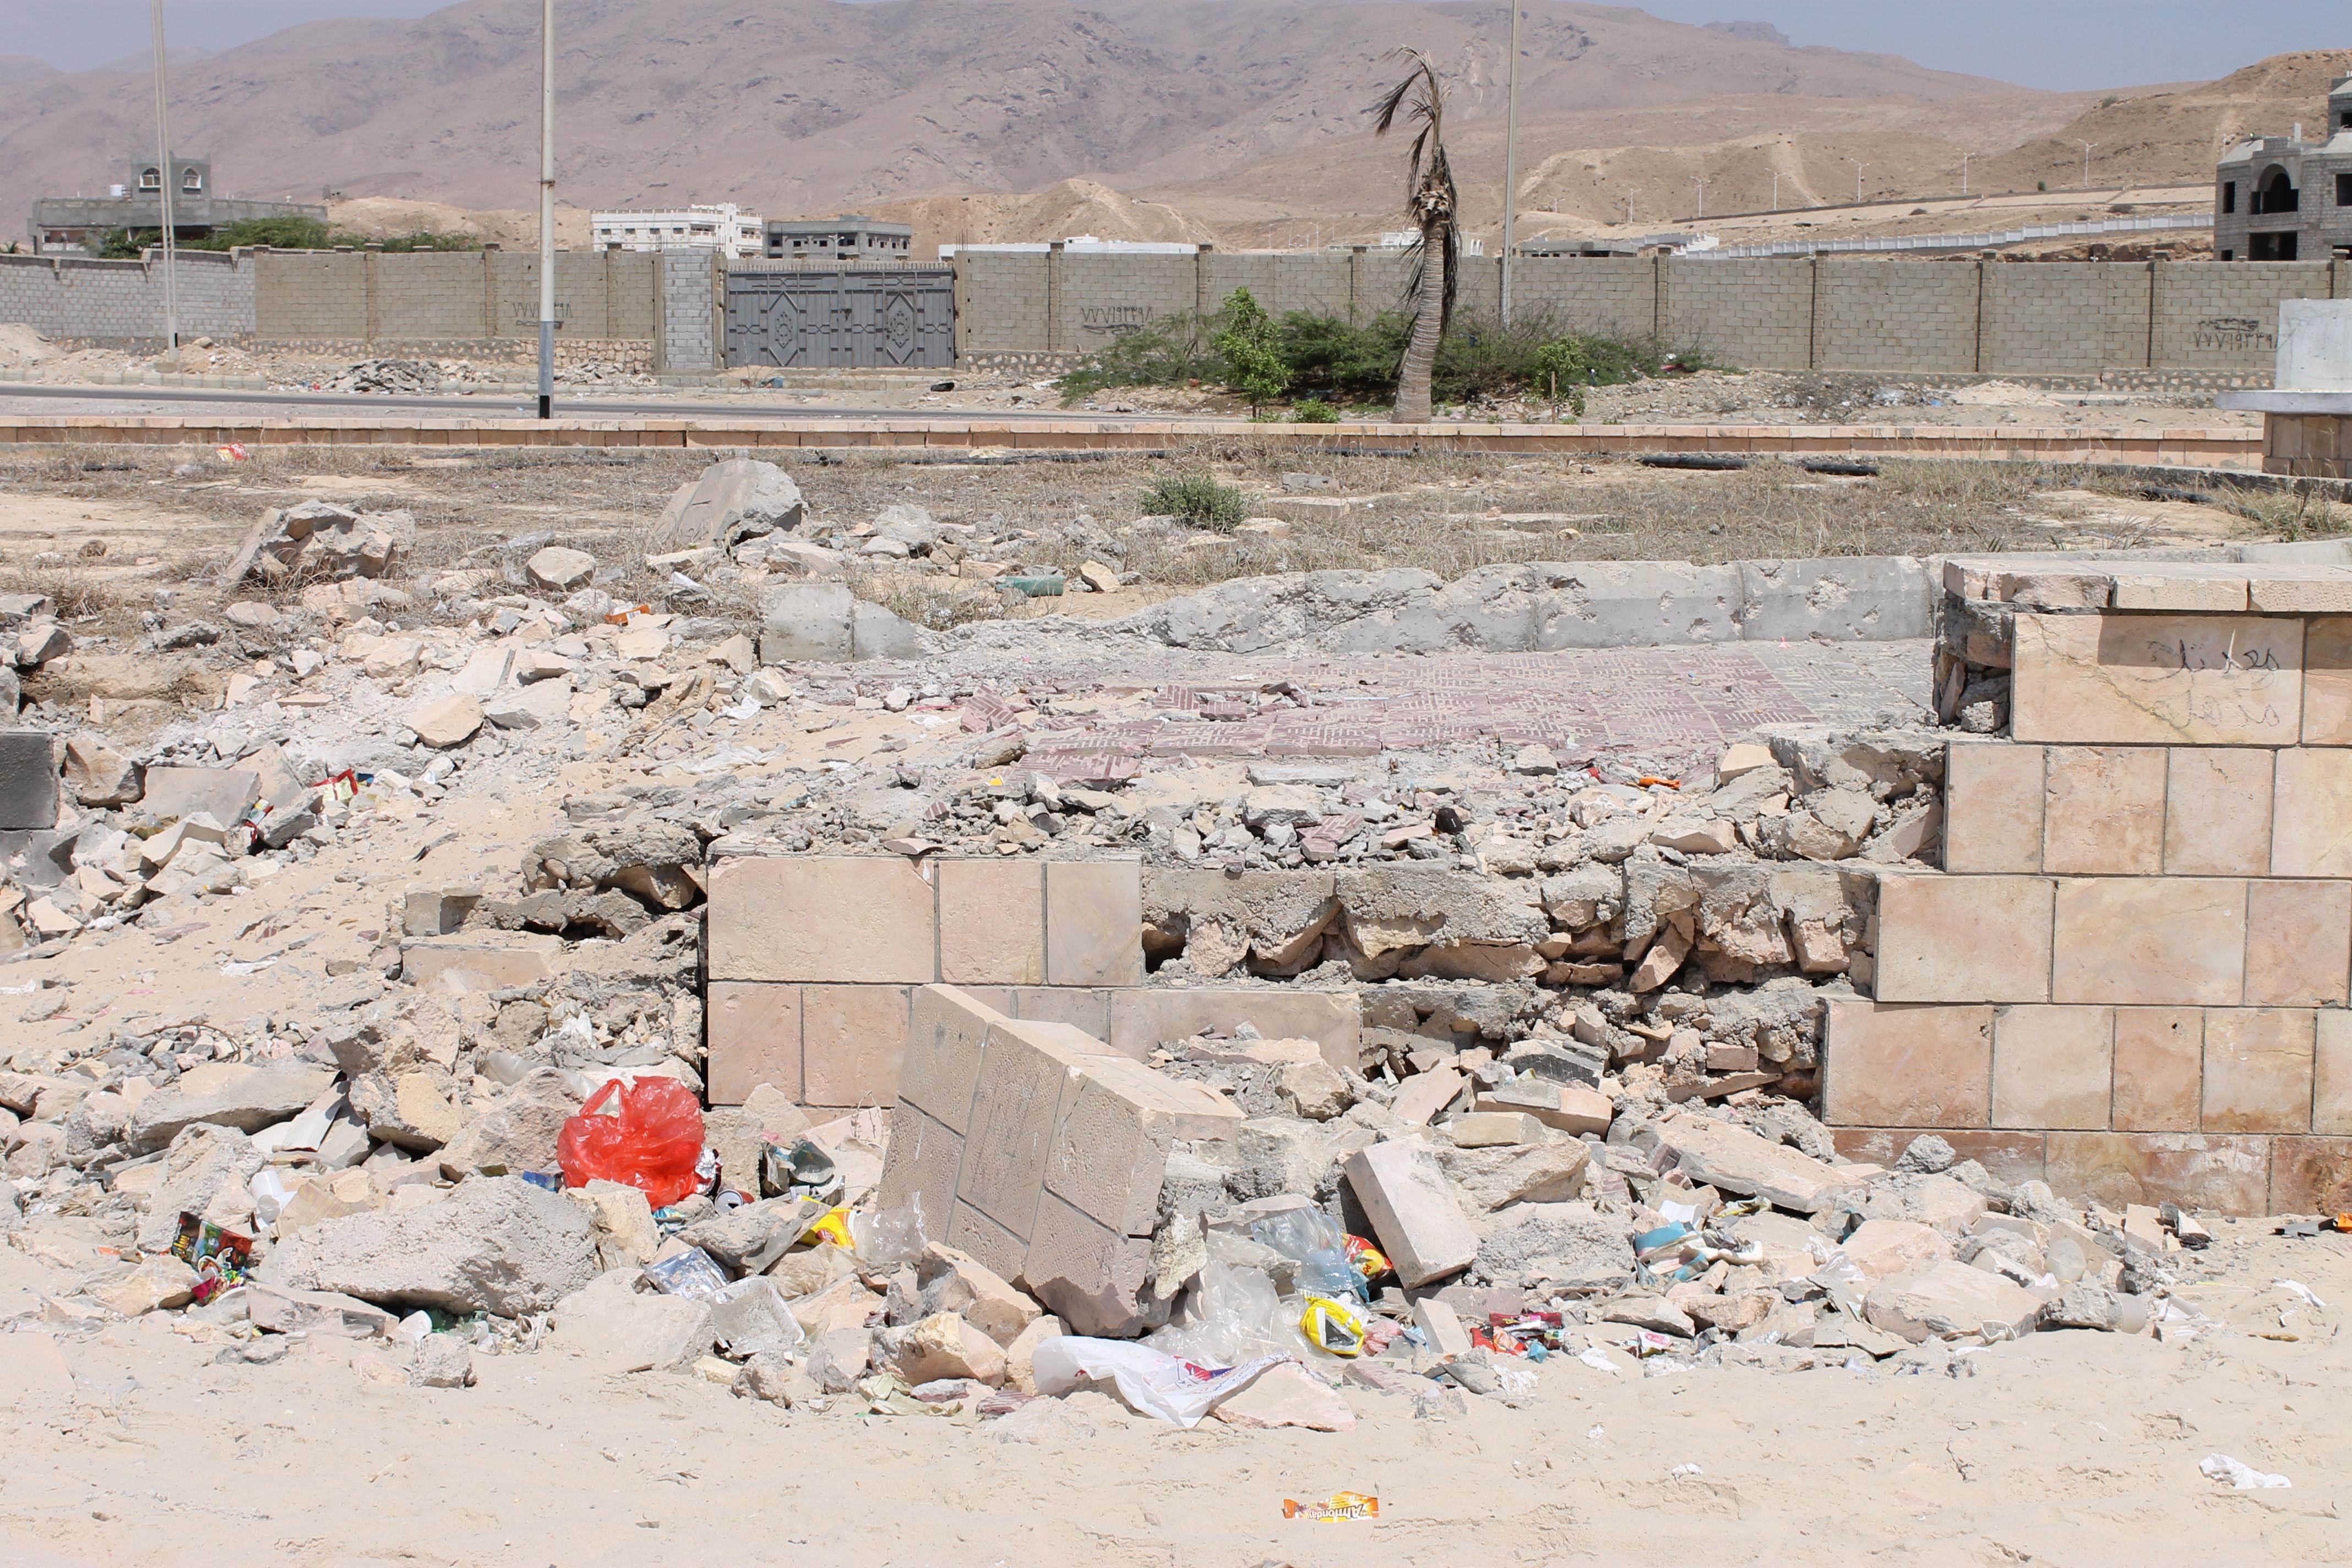 The cornish in Mukalla, Yemen, where Mohannad Ghallab was killed